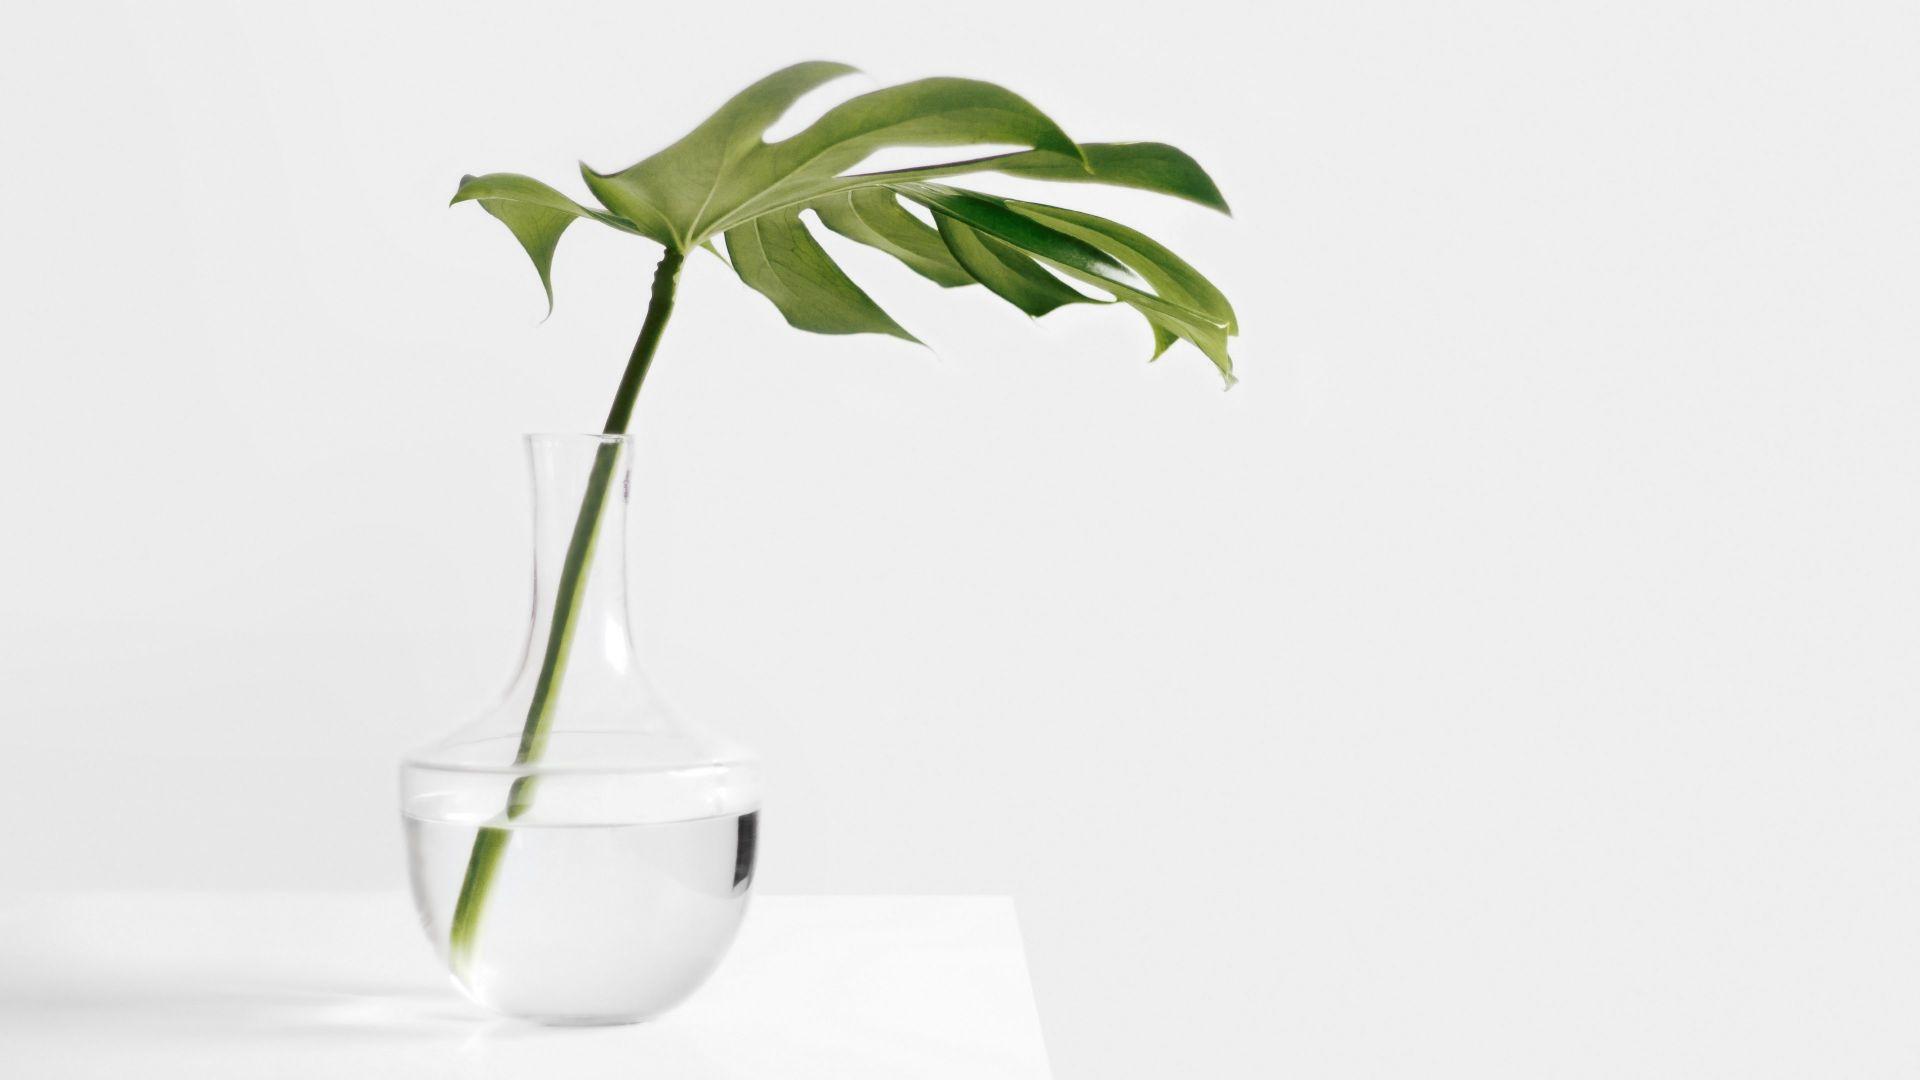 Wallpaper Minimalism green leaf in glass jar